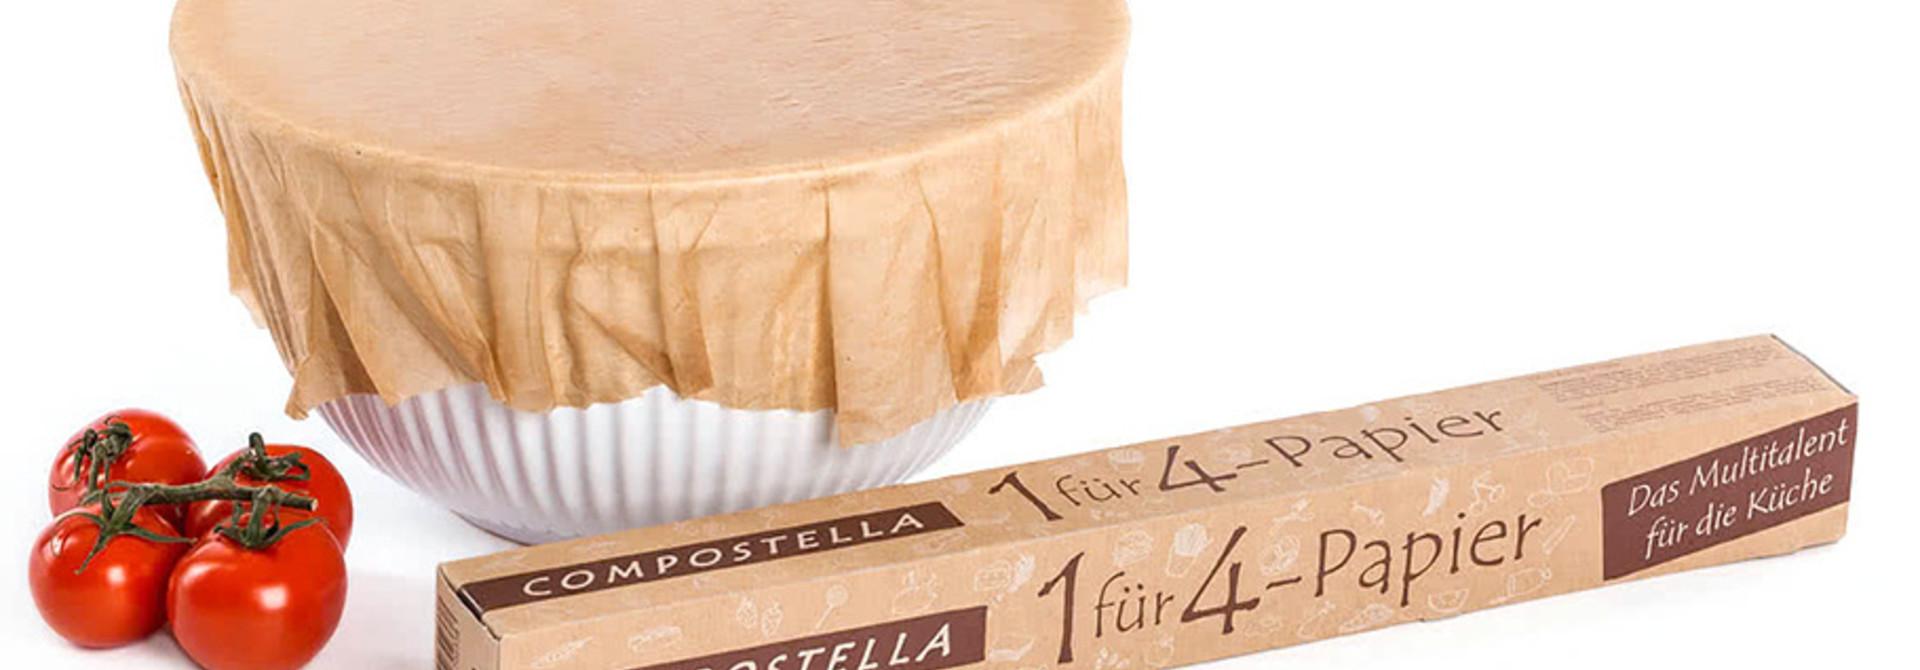 Compostella - Keukenfolie 4 in 1